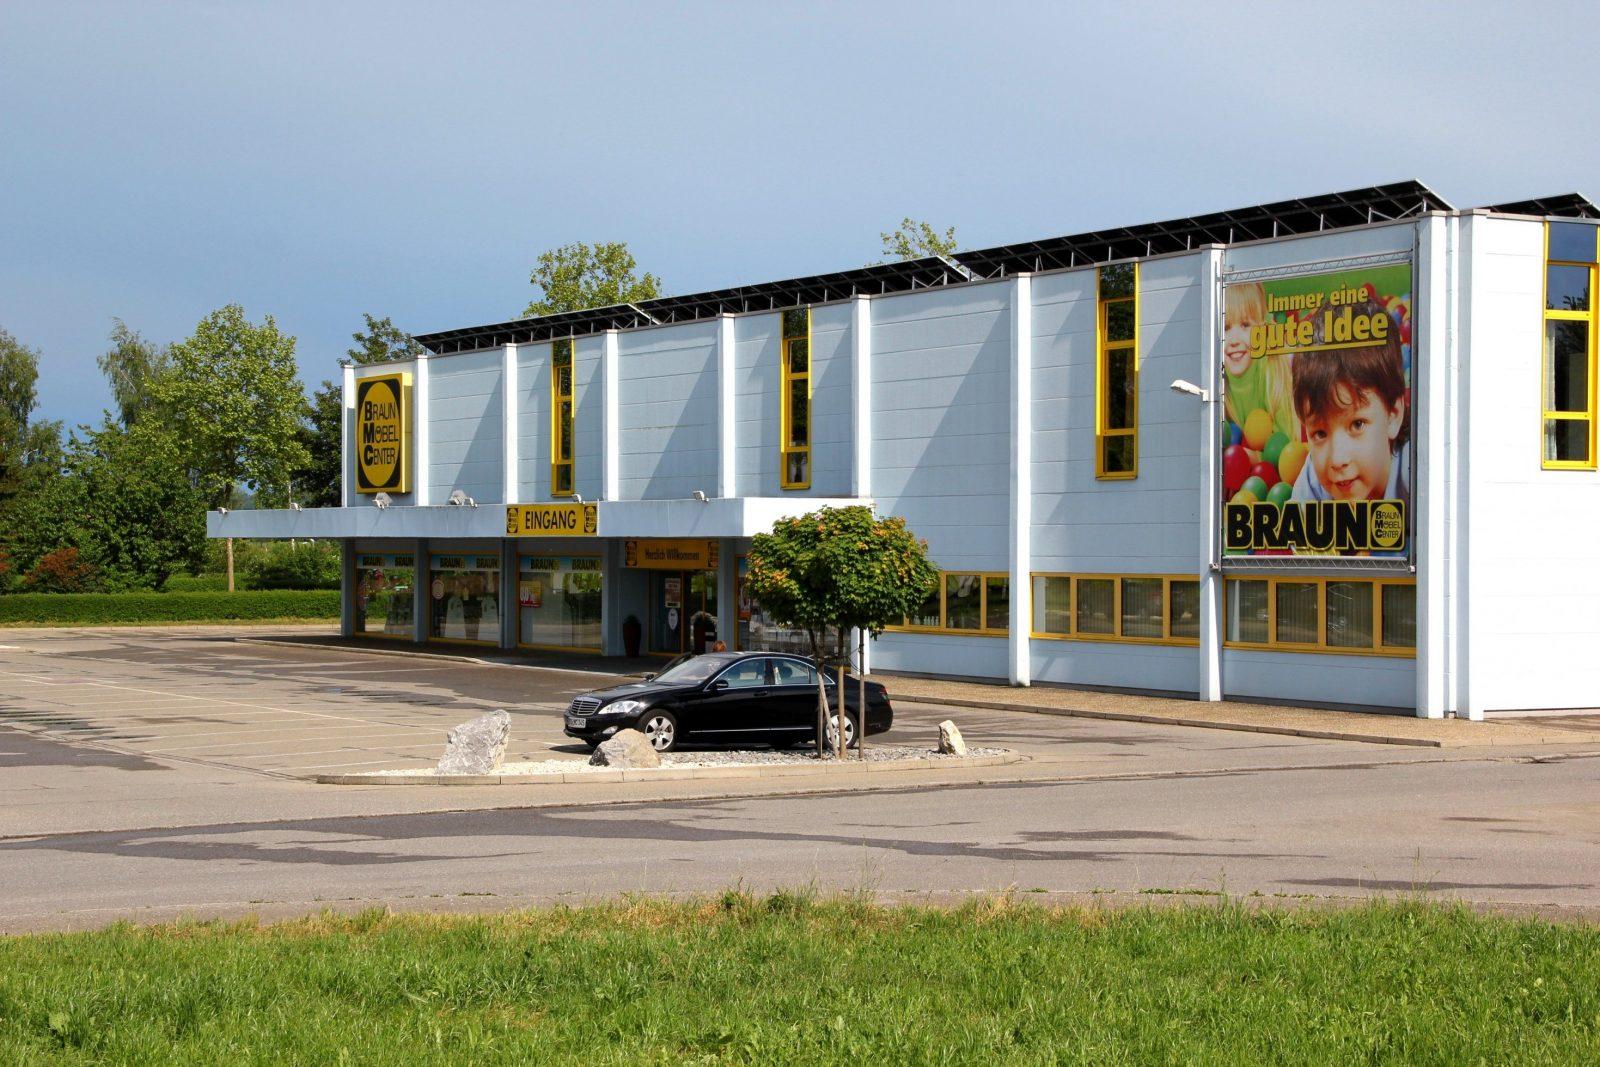 Extra Günstig Möbel Kaufen – Braun Möbelcenter von Holz Braun Reutlingen Öffnungszeiten Bild